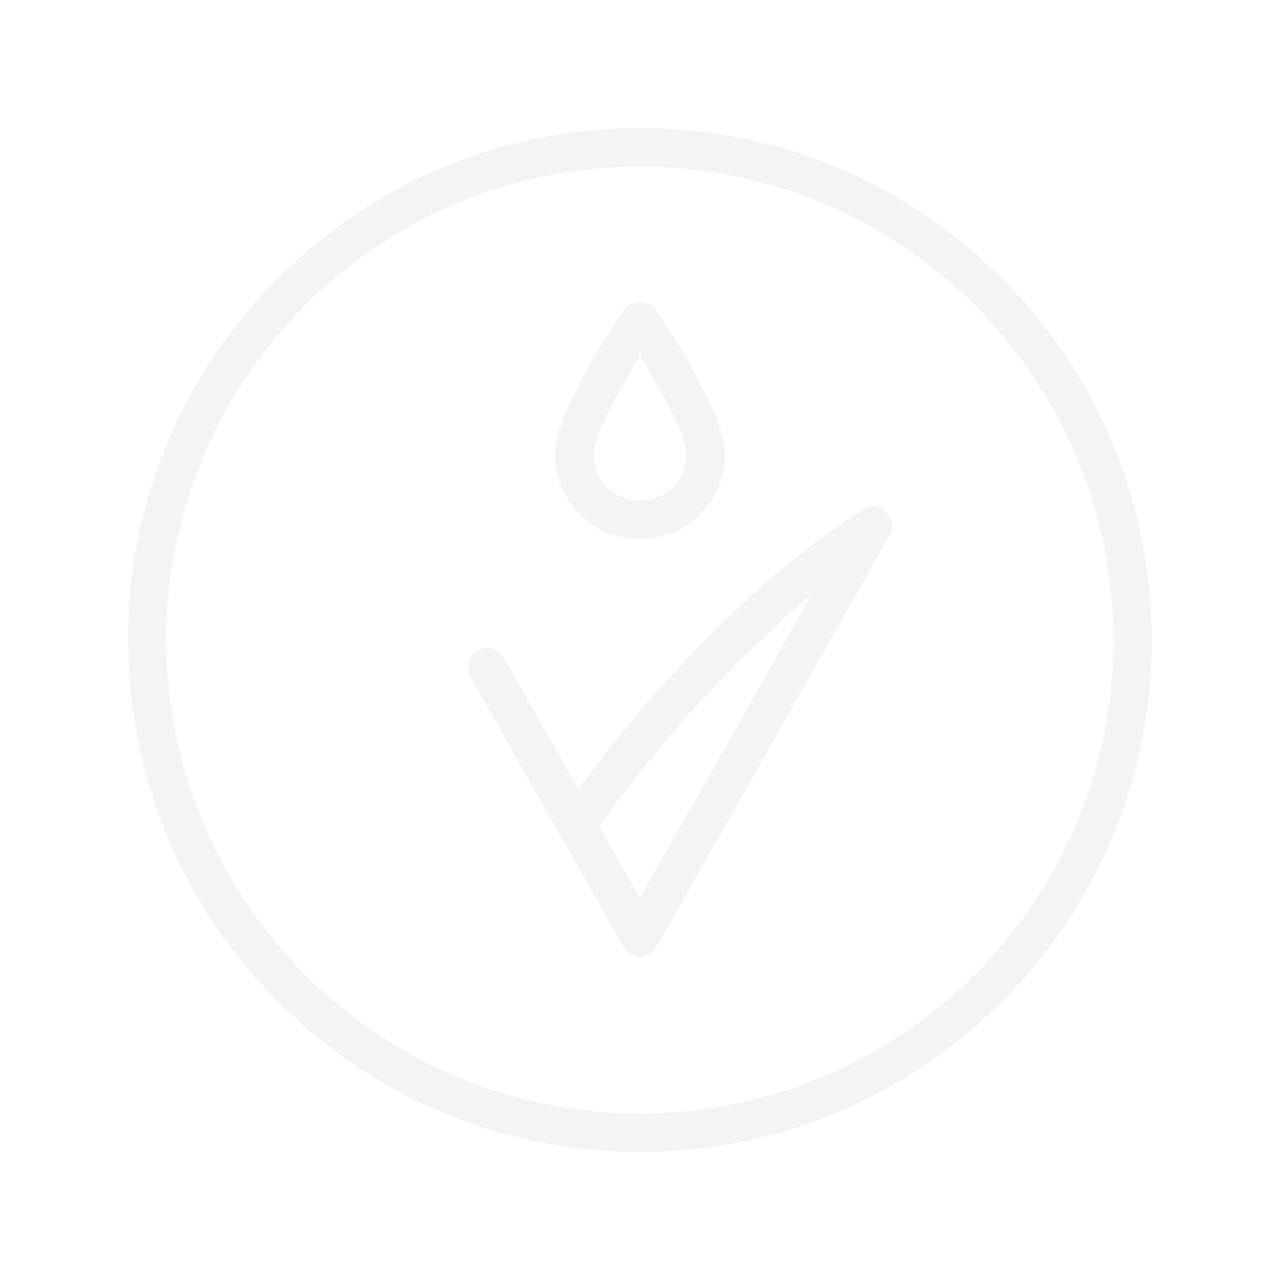 LA ROCHE-POSAY 24HR Physiological Roll-On Deodorant 50ml